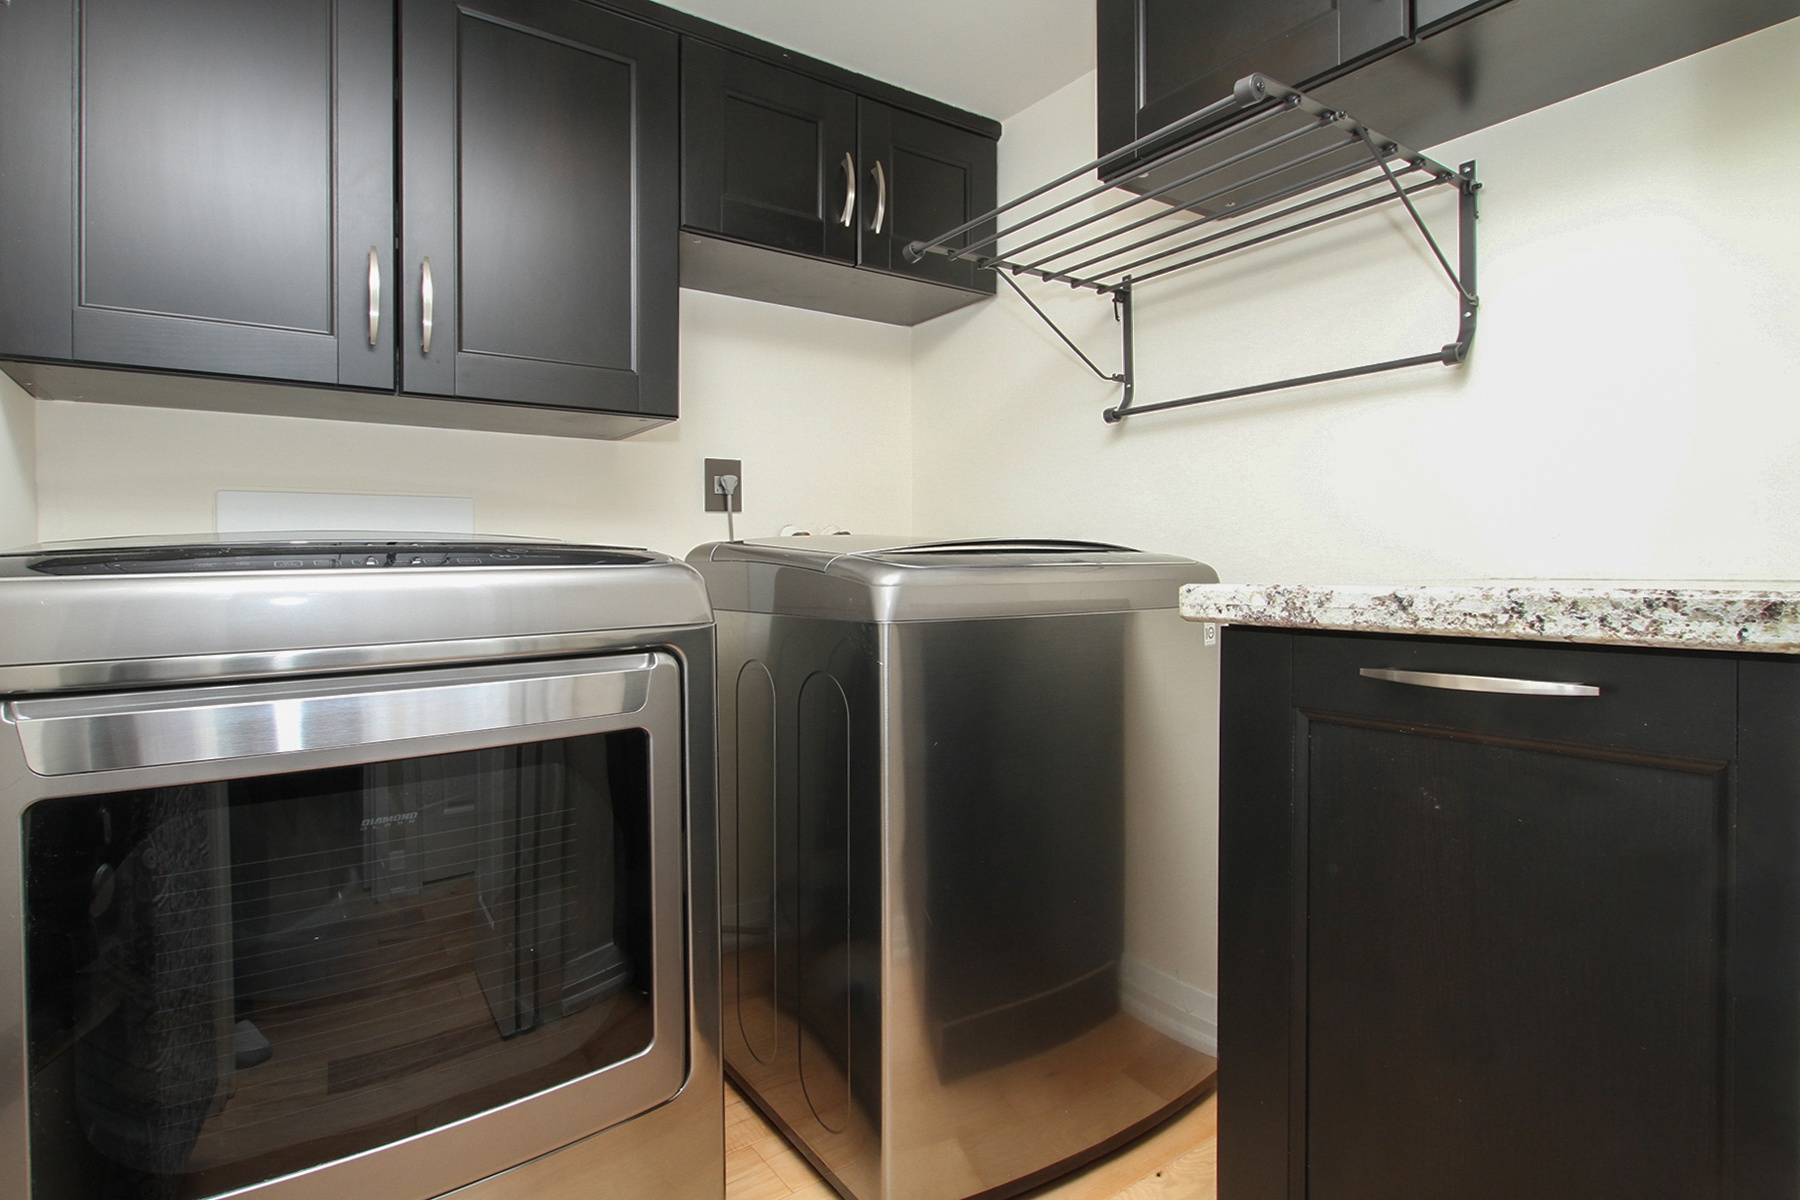 23573_laundry_facility__room_21_21_20181106170719.jpg